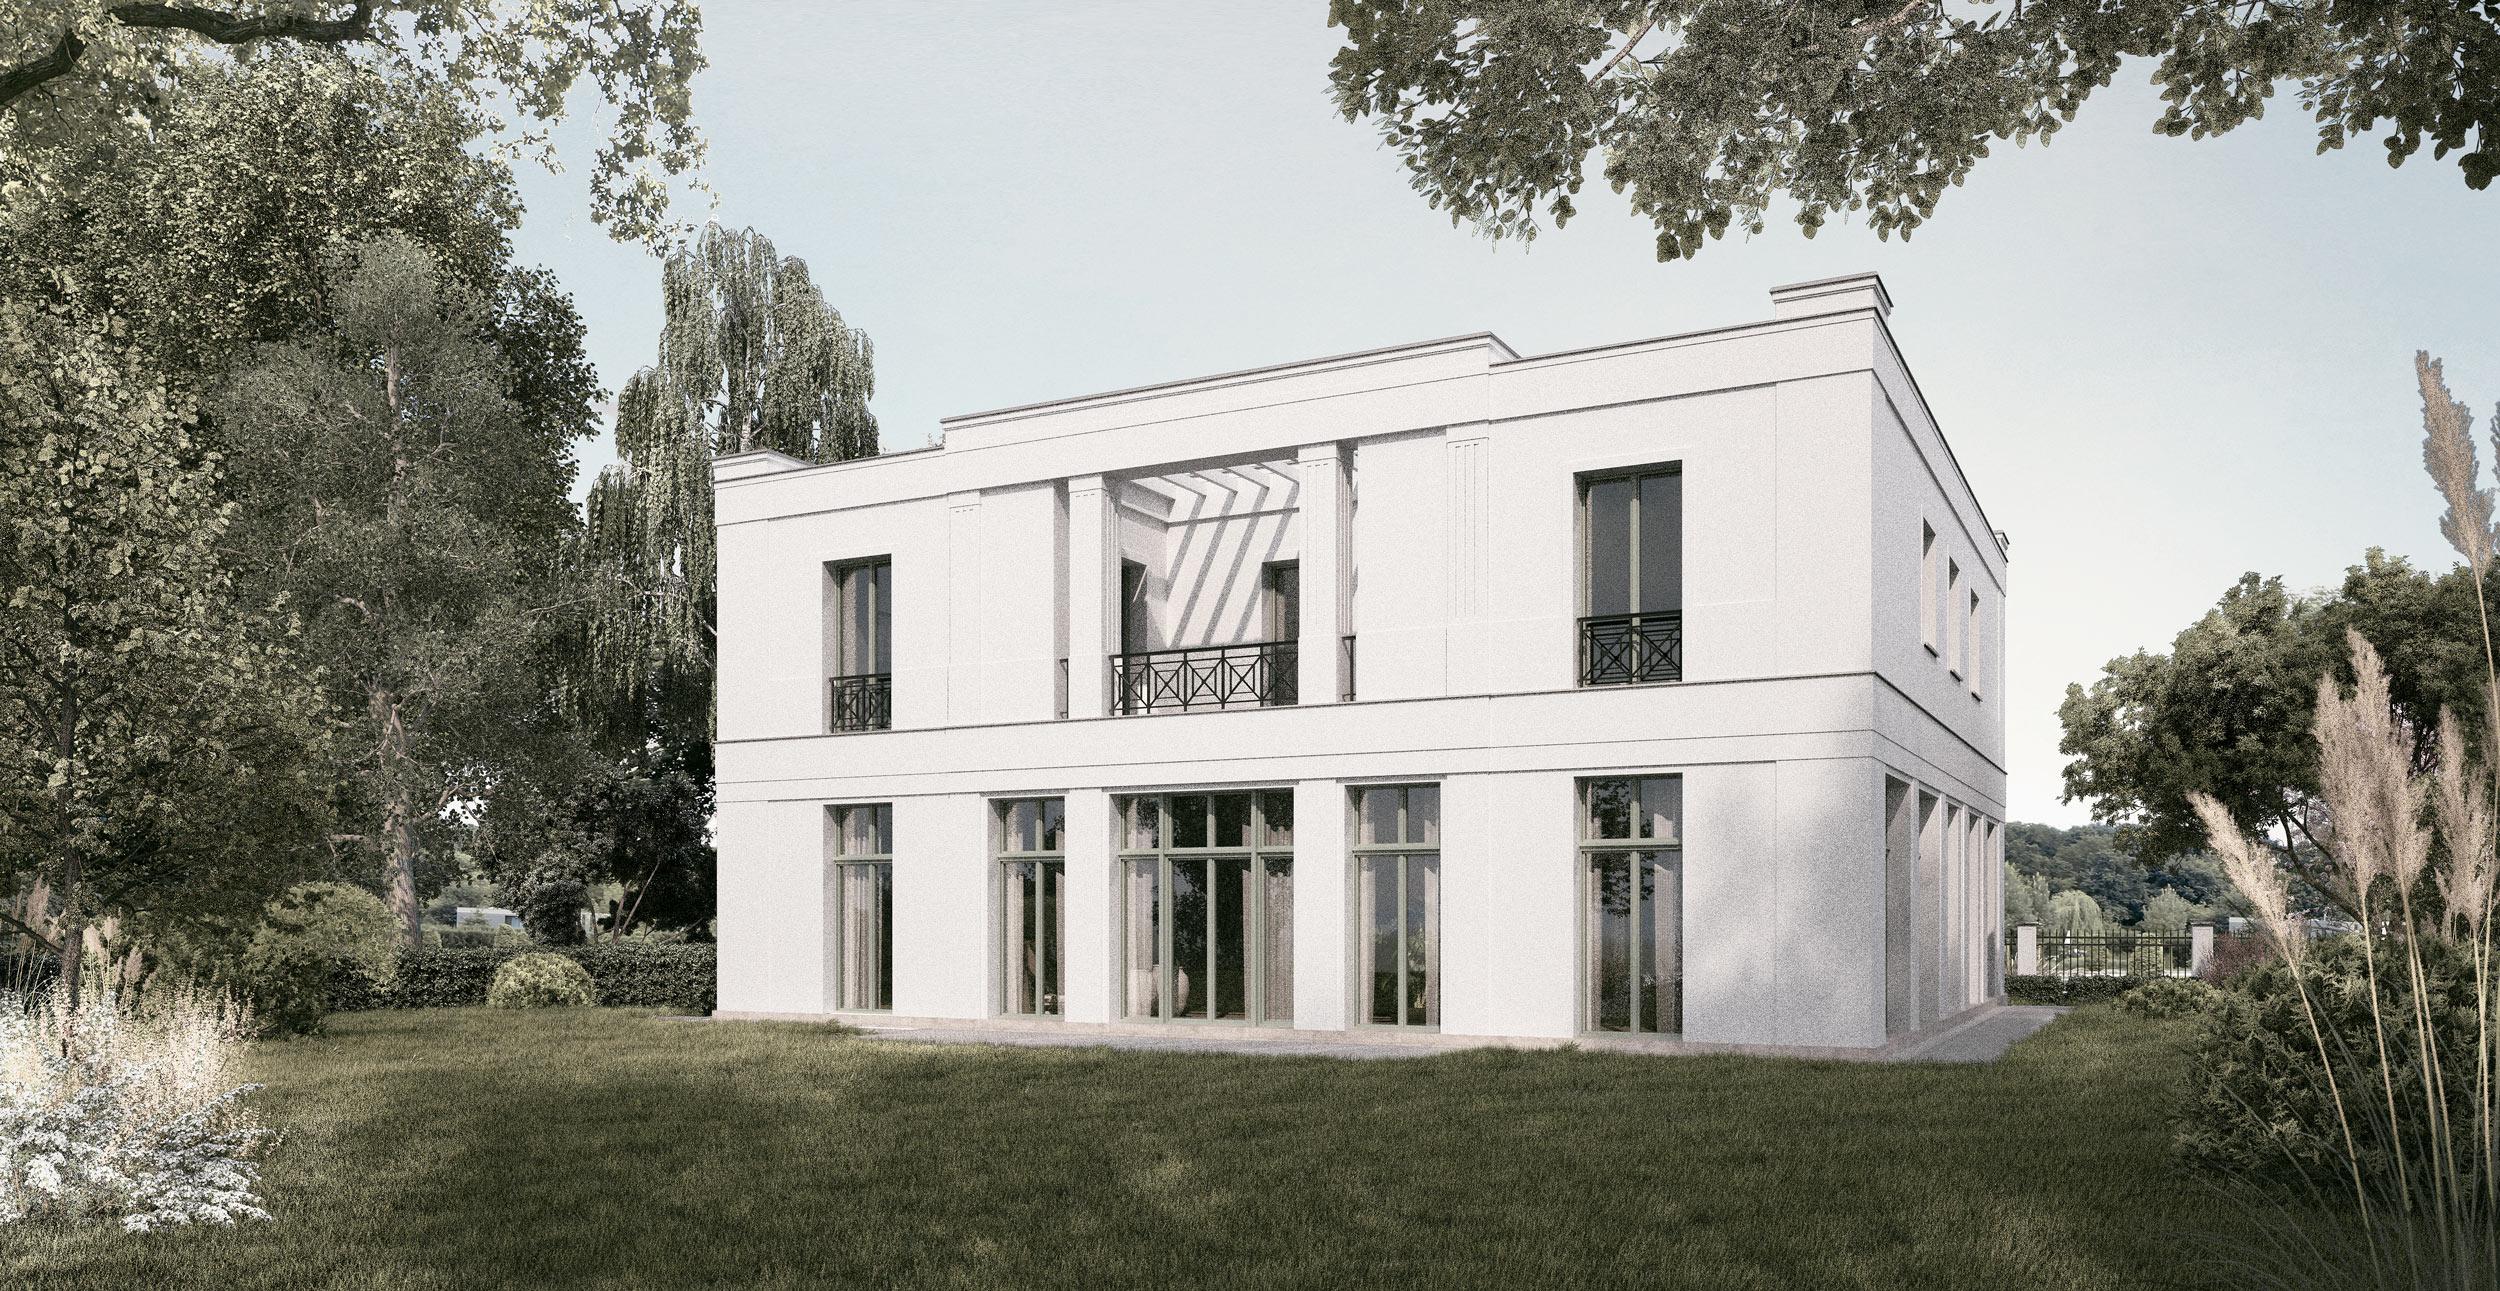 Neubau einer Villa im Klassik-Stil mit Mittelrisalit in Potsdam - Die pergolaüberdeckte Loggia eröffnet einen schönen Blick in den Garten.